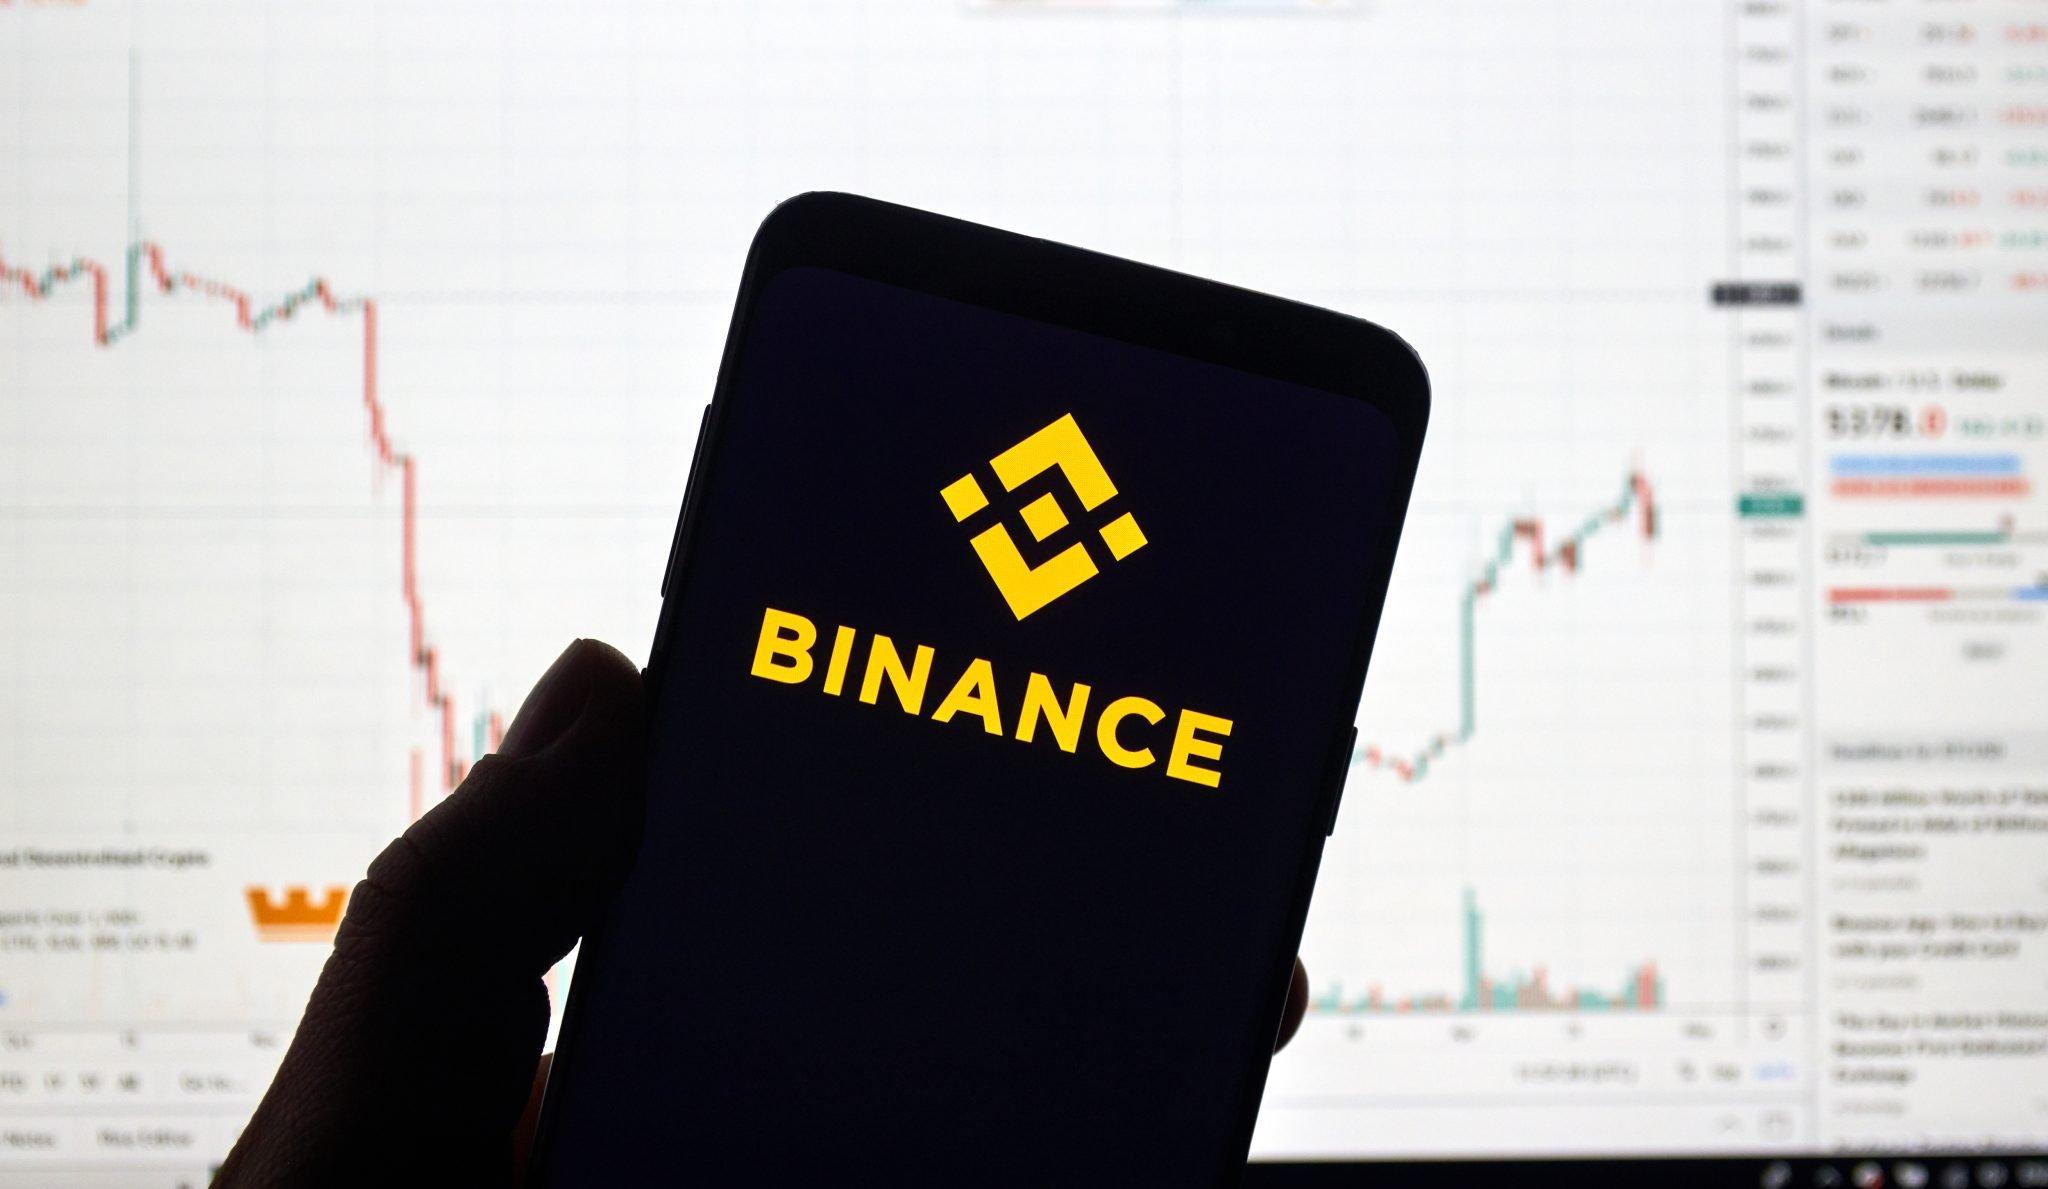 Binance cryptocurrency exchange logo